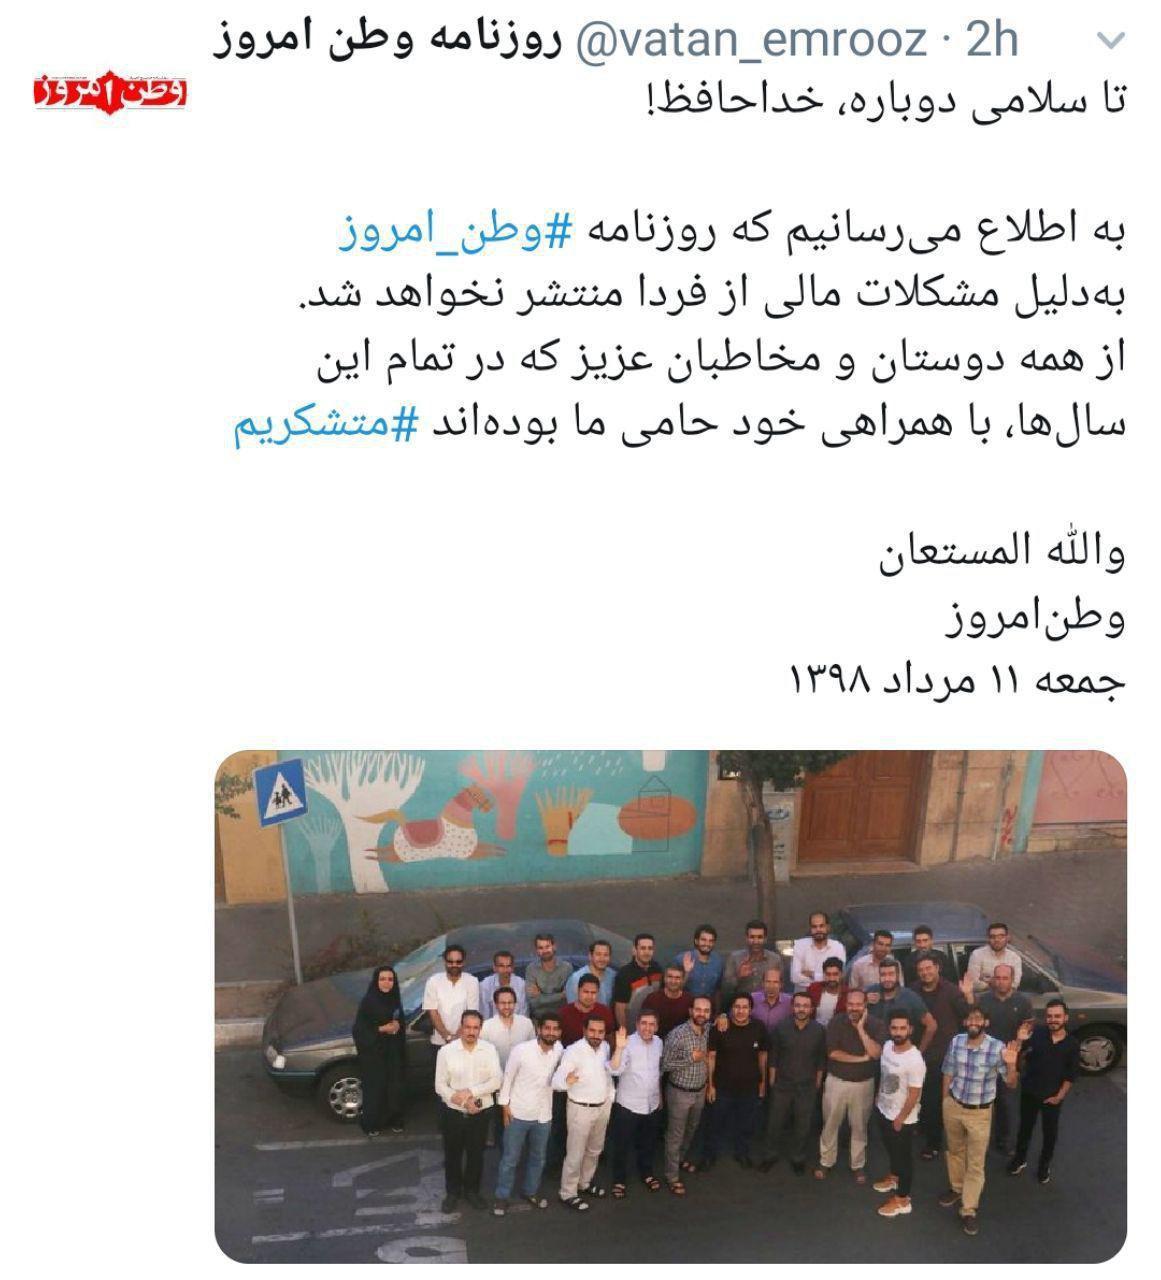 روزنامه «وطن امروز» تعطیل شد!